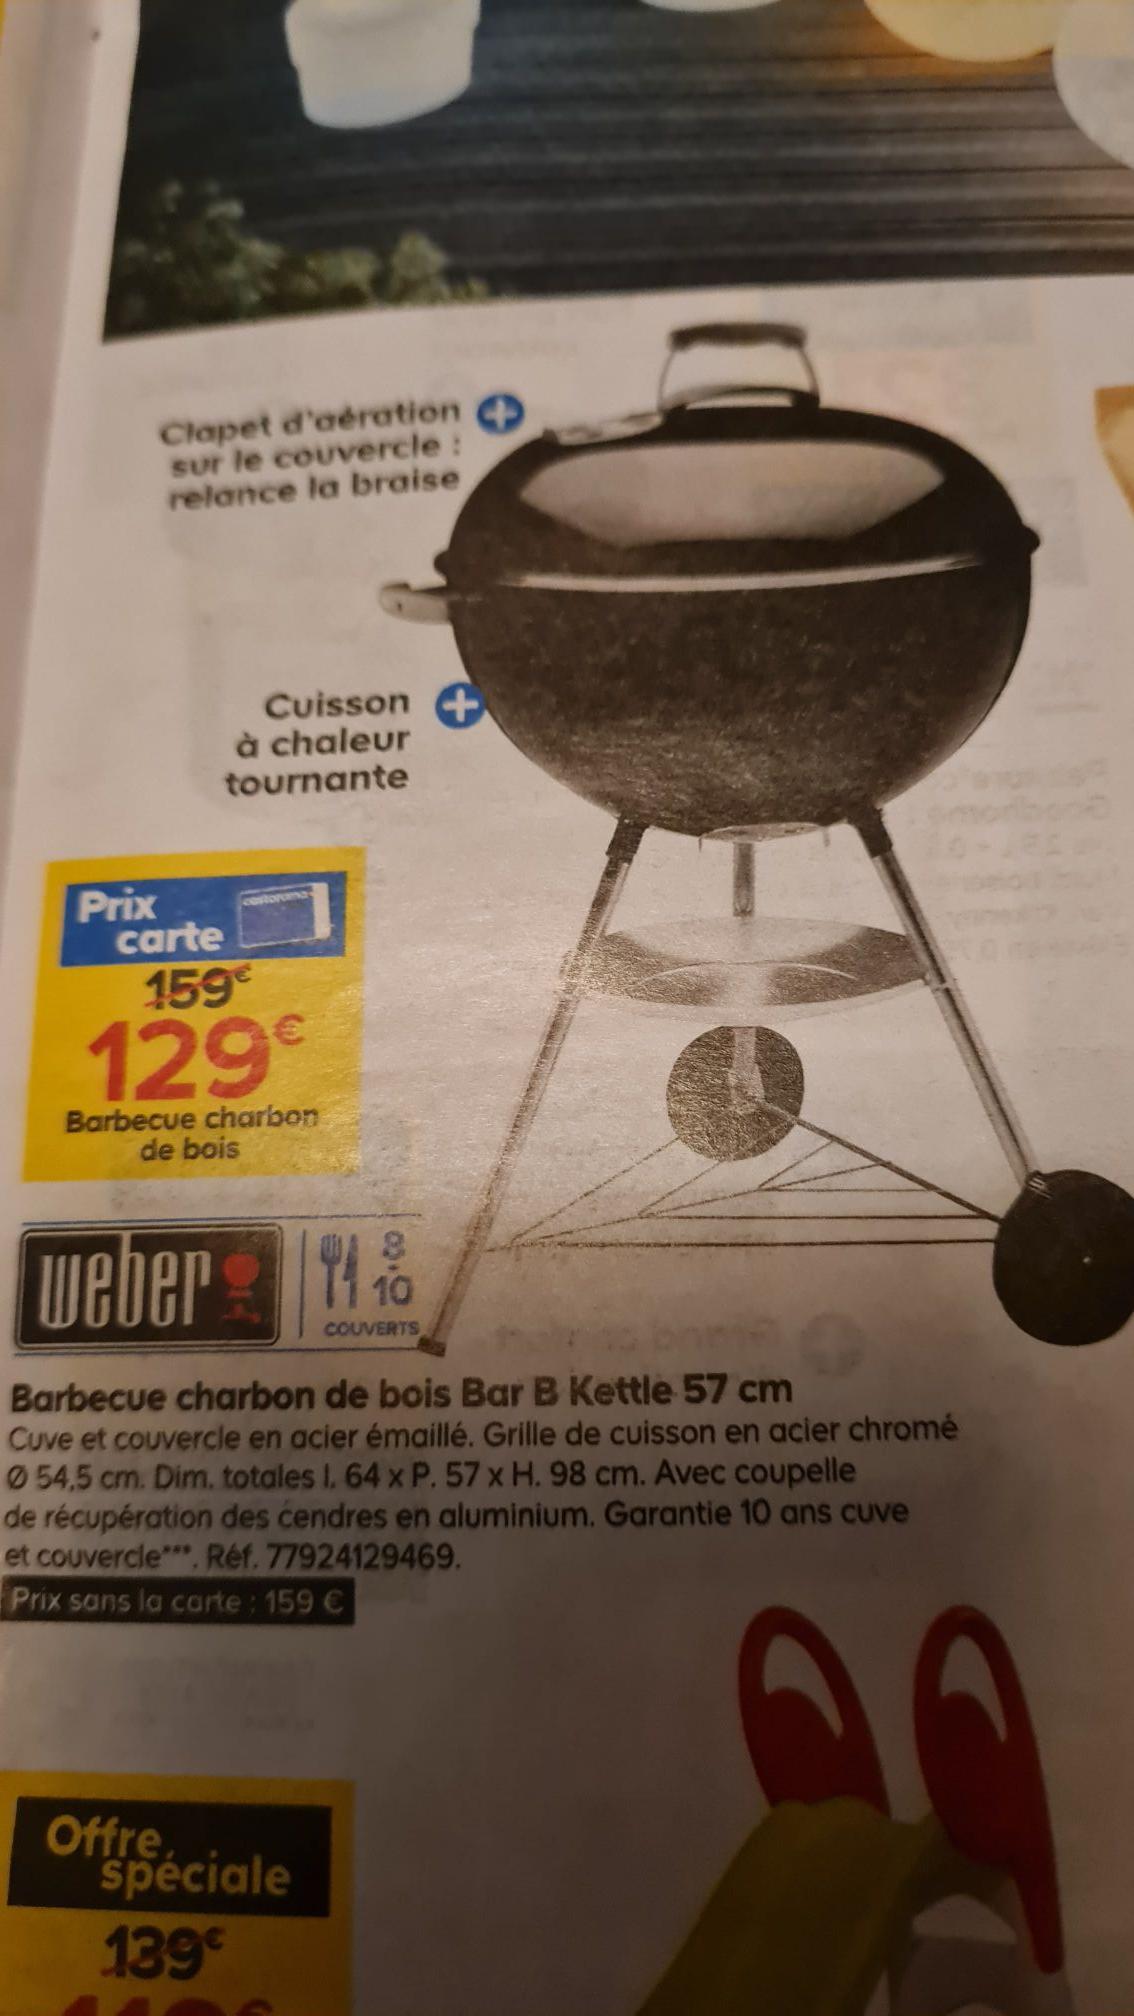 Barbecue charbon de bois Weber Bar B Kettle - ø57 cm